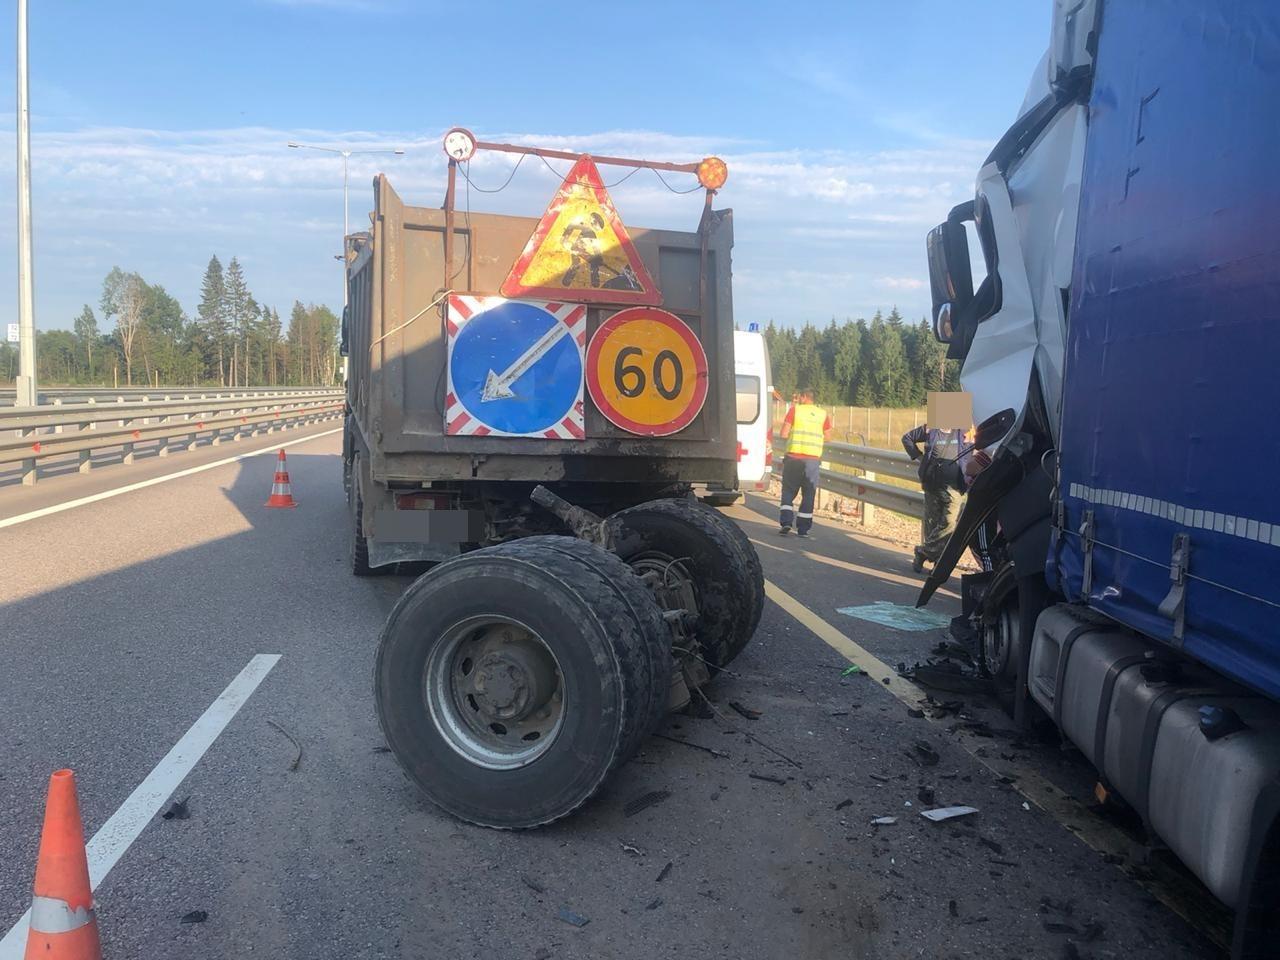 Двое водителей получили травмы в ДТП на М11 в Тверской области - новости Афанасий